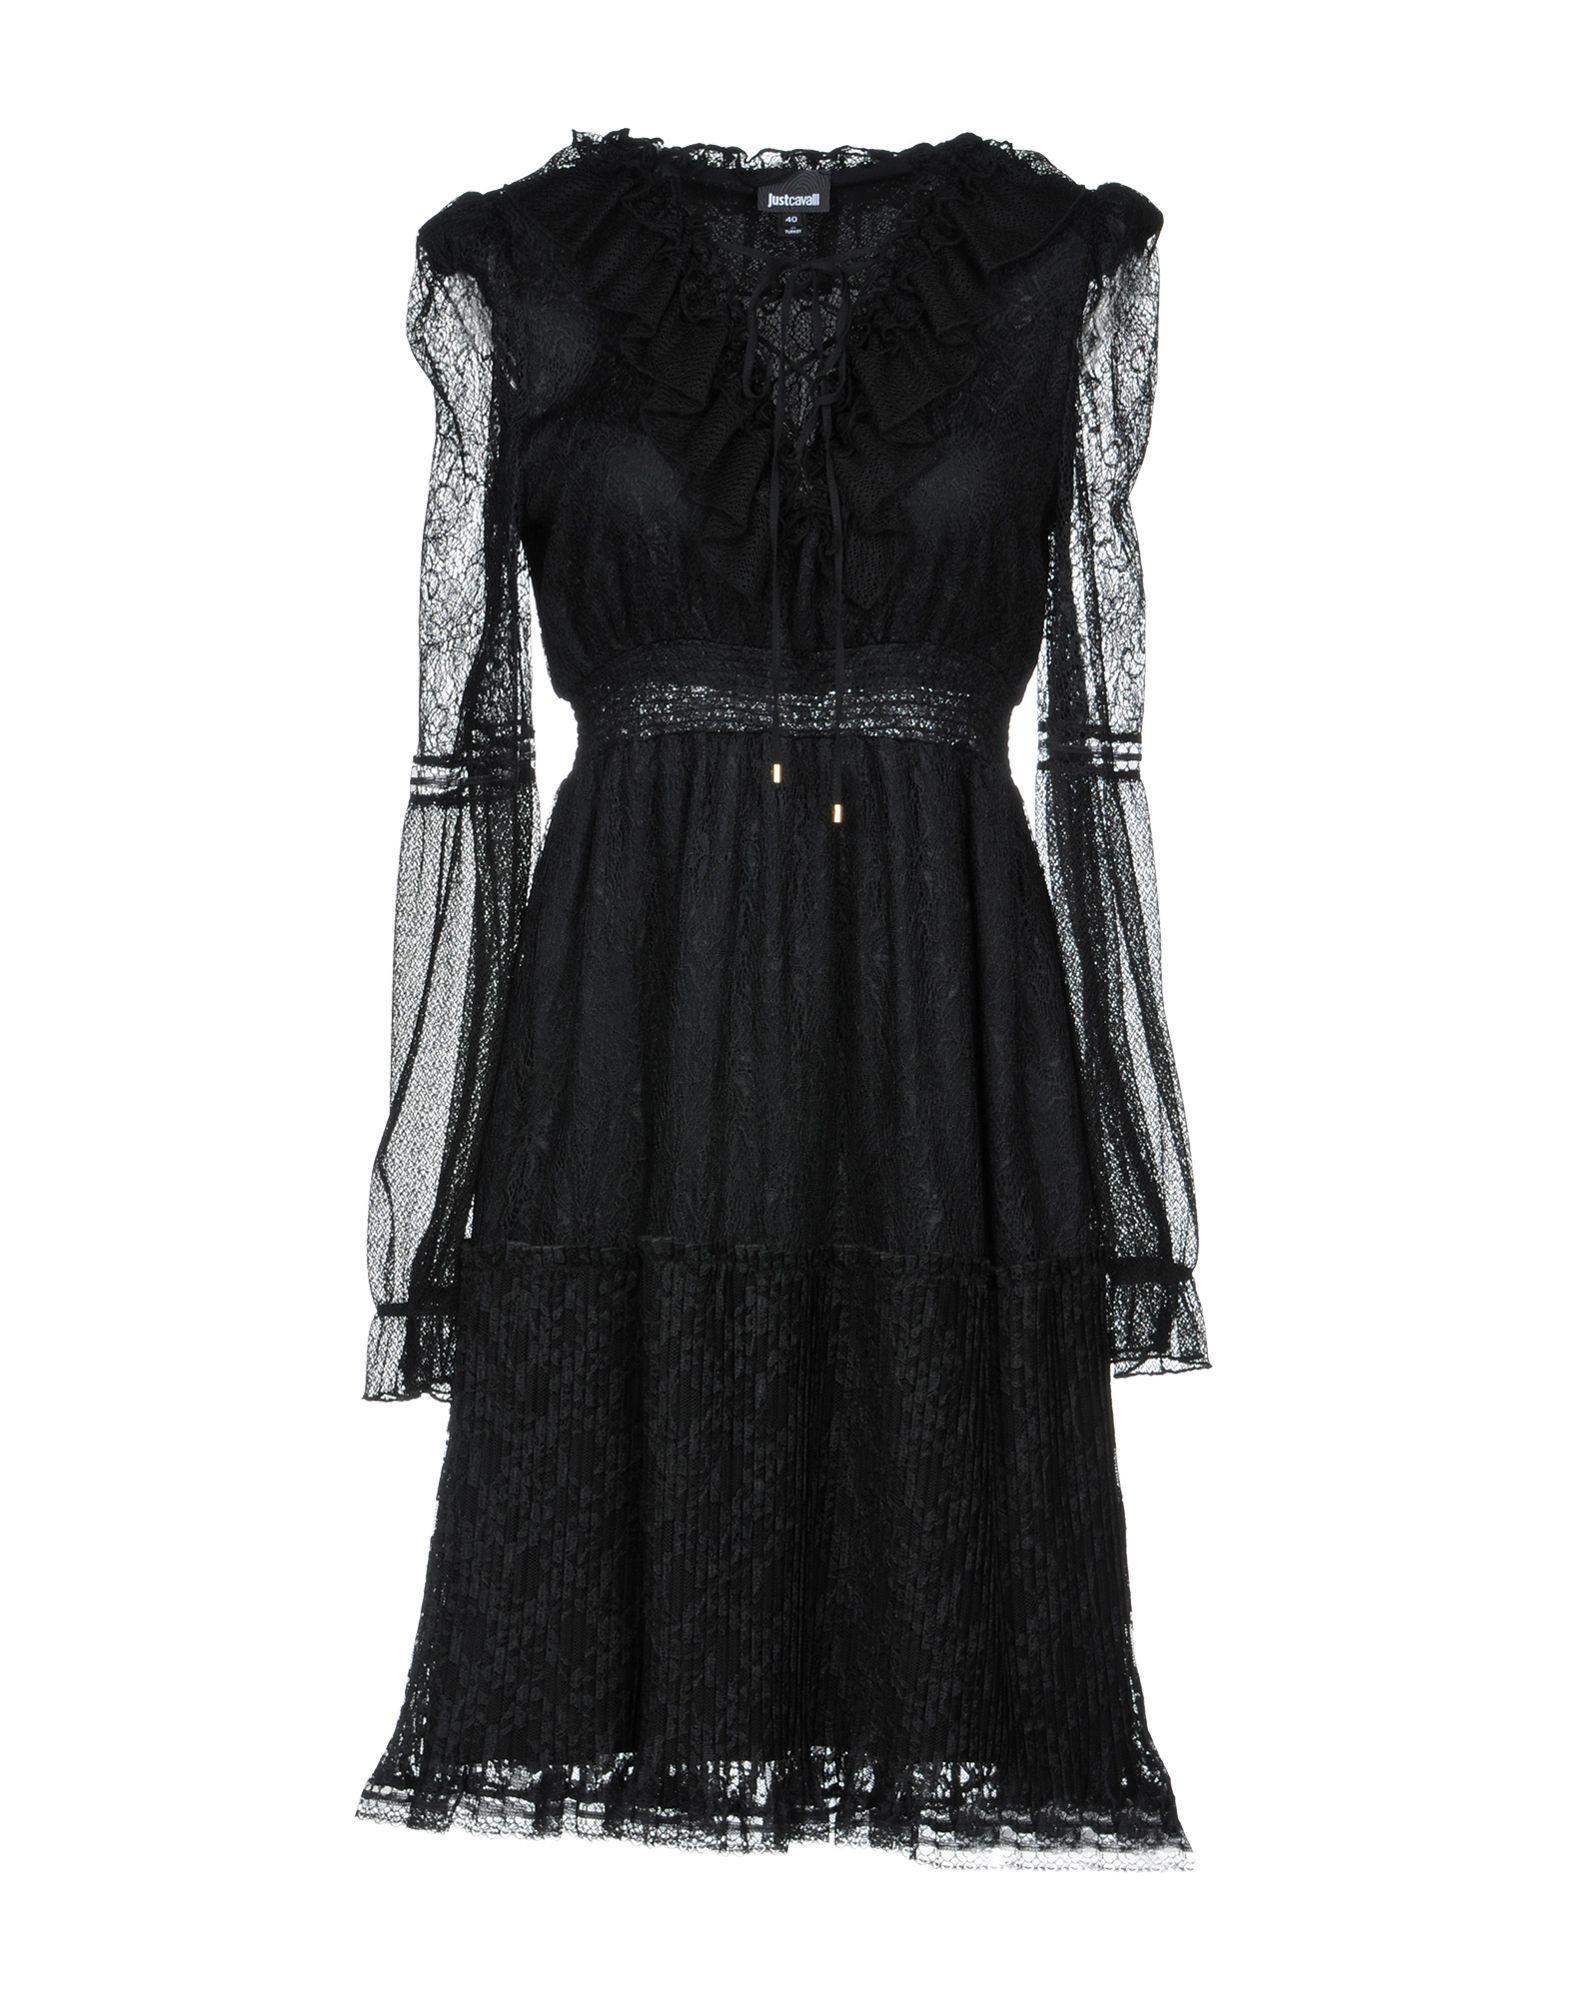 Vestito Vestito Vestito Corto Just Cavalli donna - 34849180AX 44d